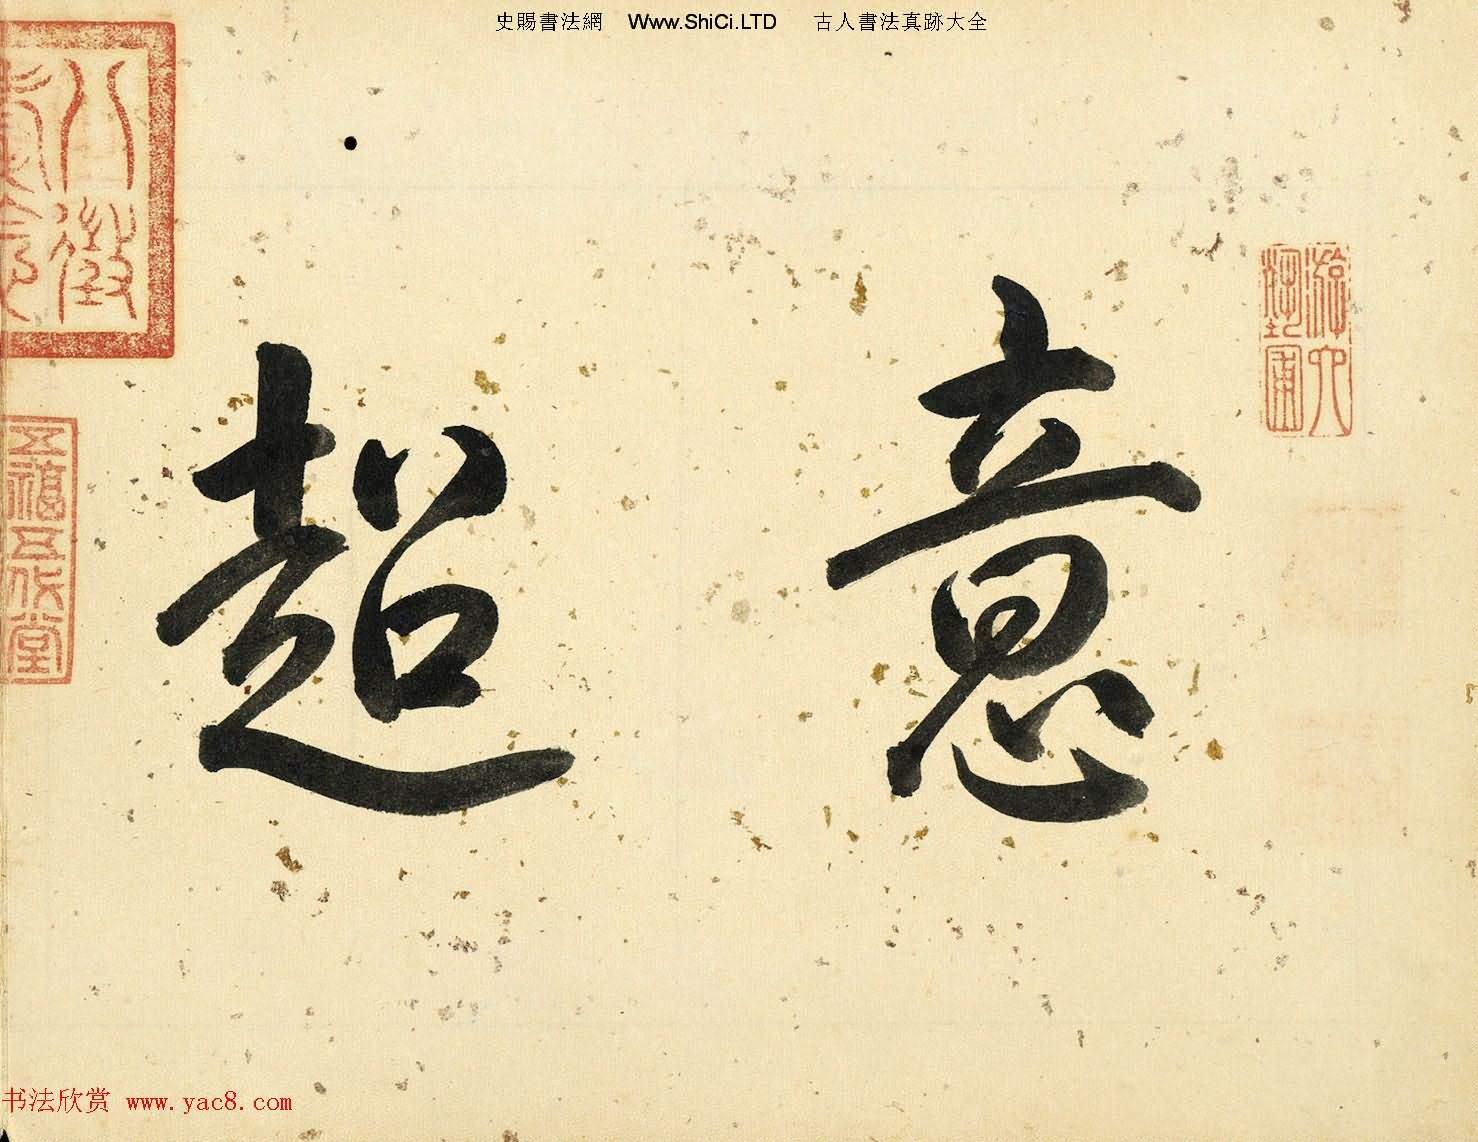 明代王穀祥書畫冊頁乾隆皇帝題詩(共30張圖片)